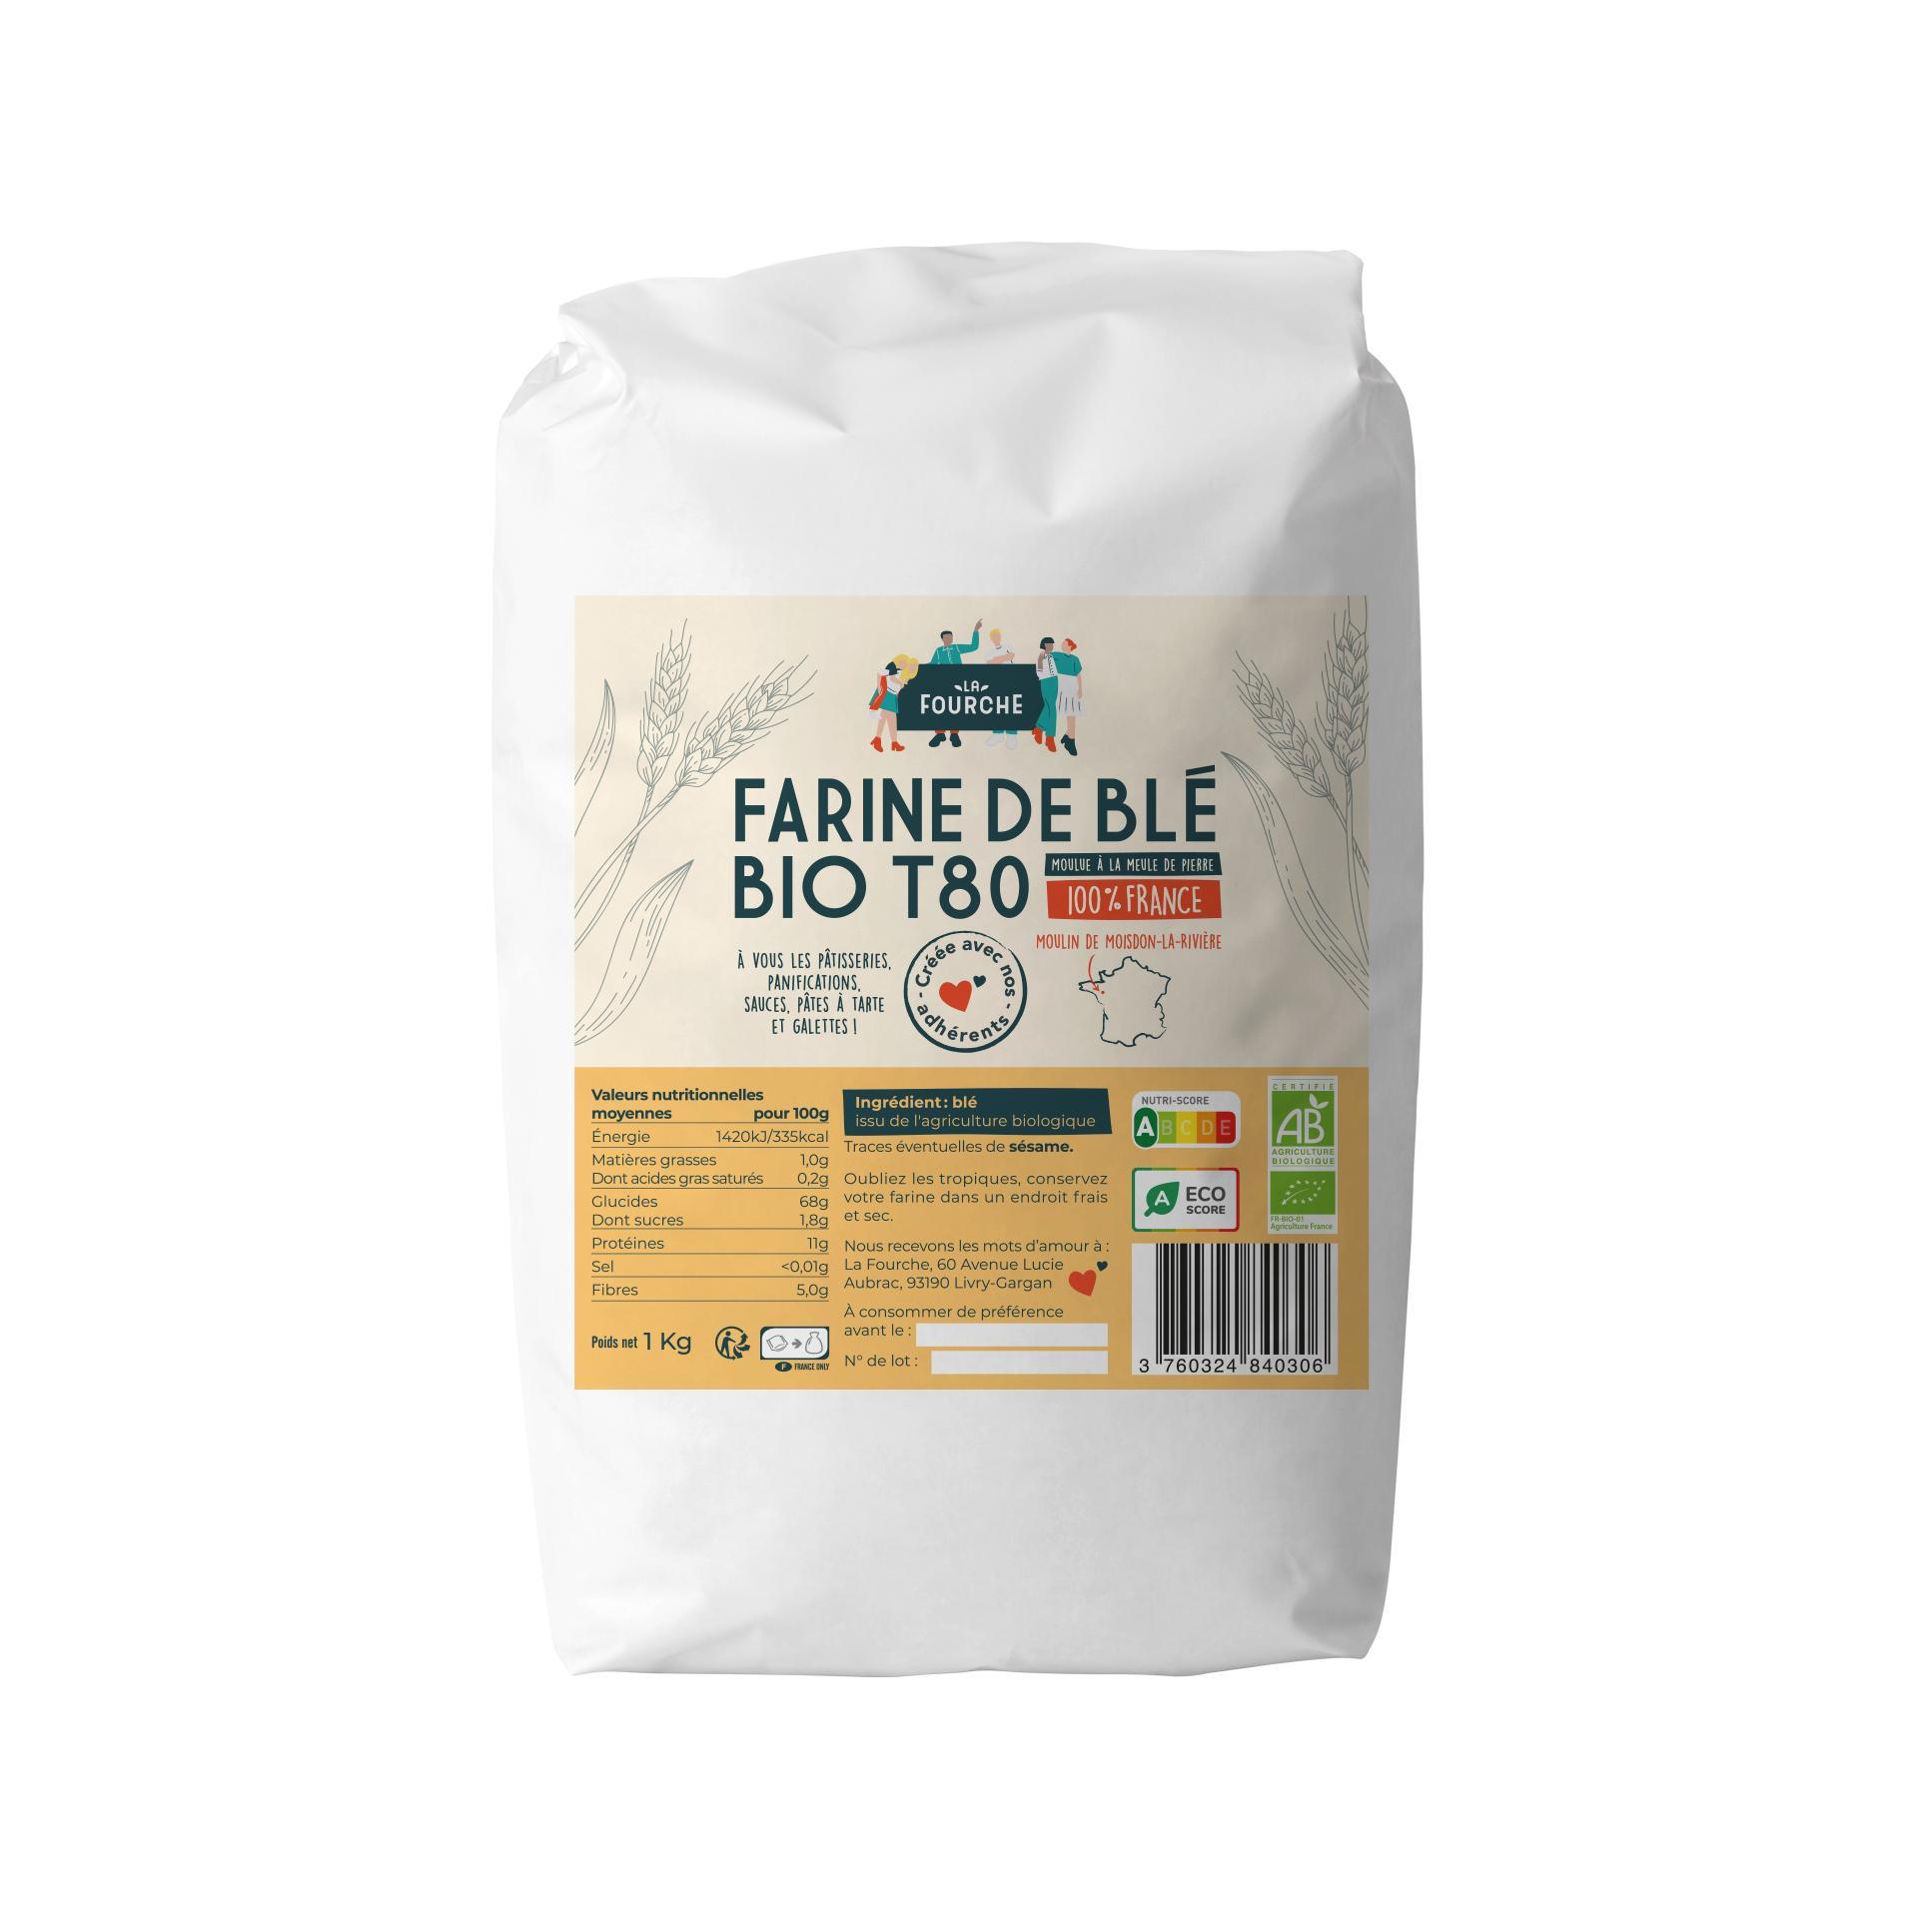 img-la-fourche-farine-de-ble-bio-t80-1kg